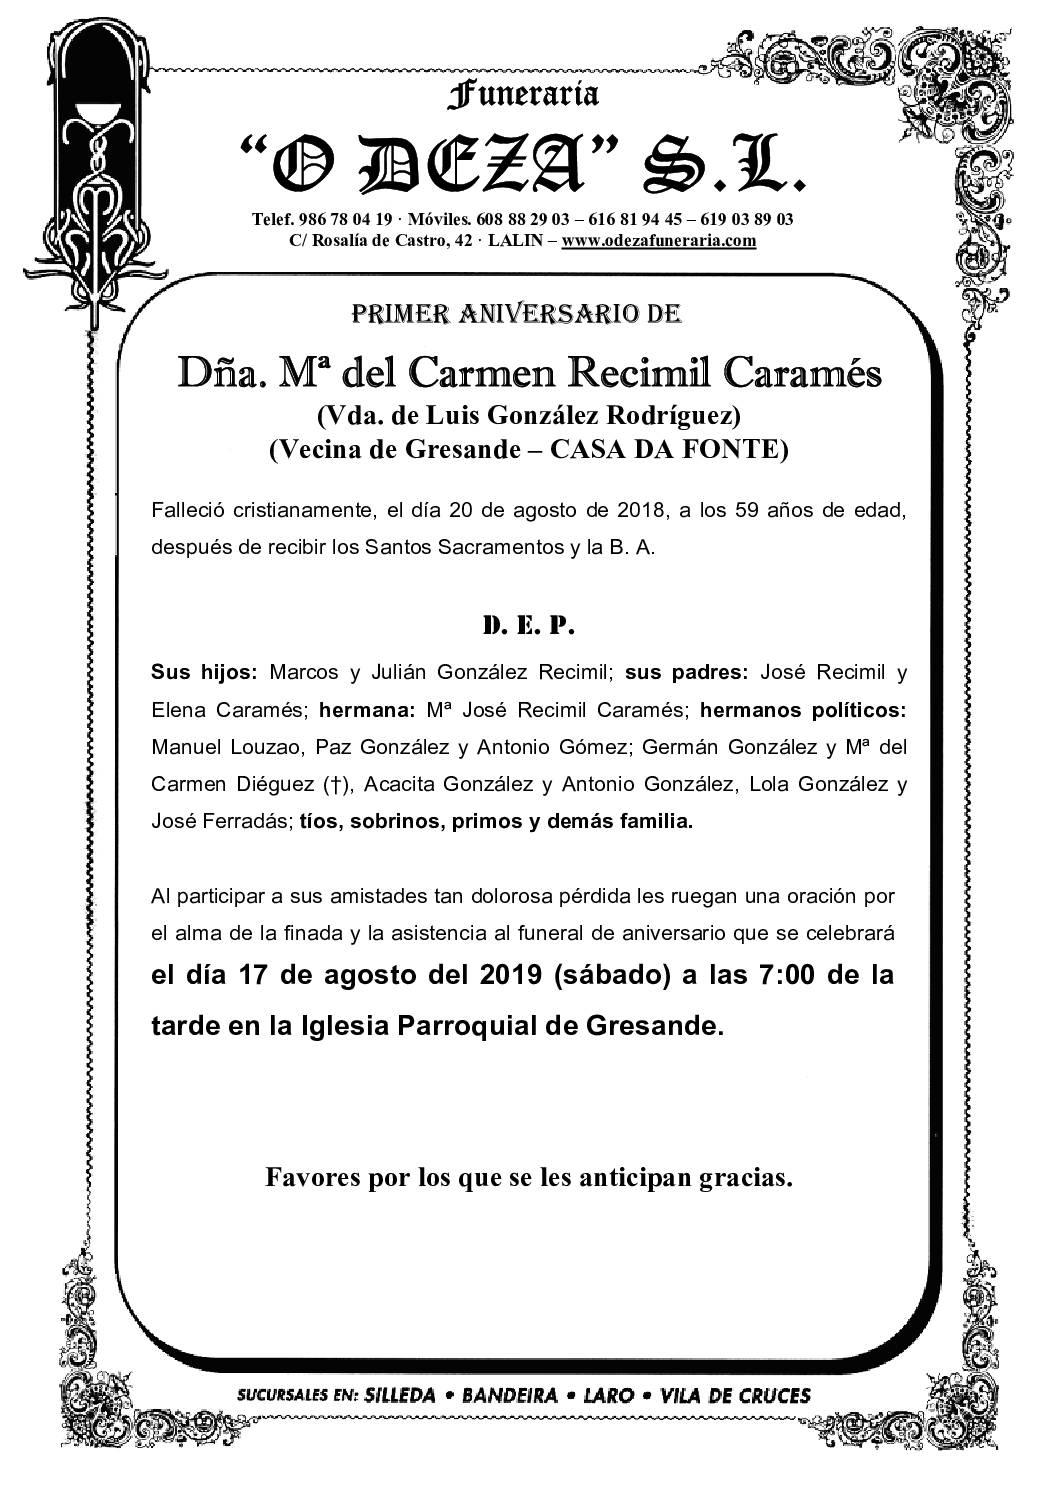 DÑA. Mª DEL CARMEN RECIMIL CARAMÉS